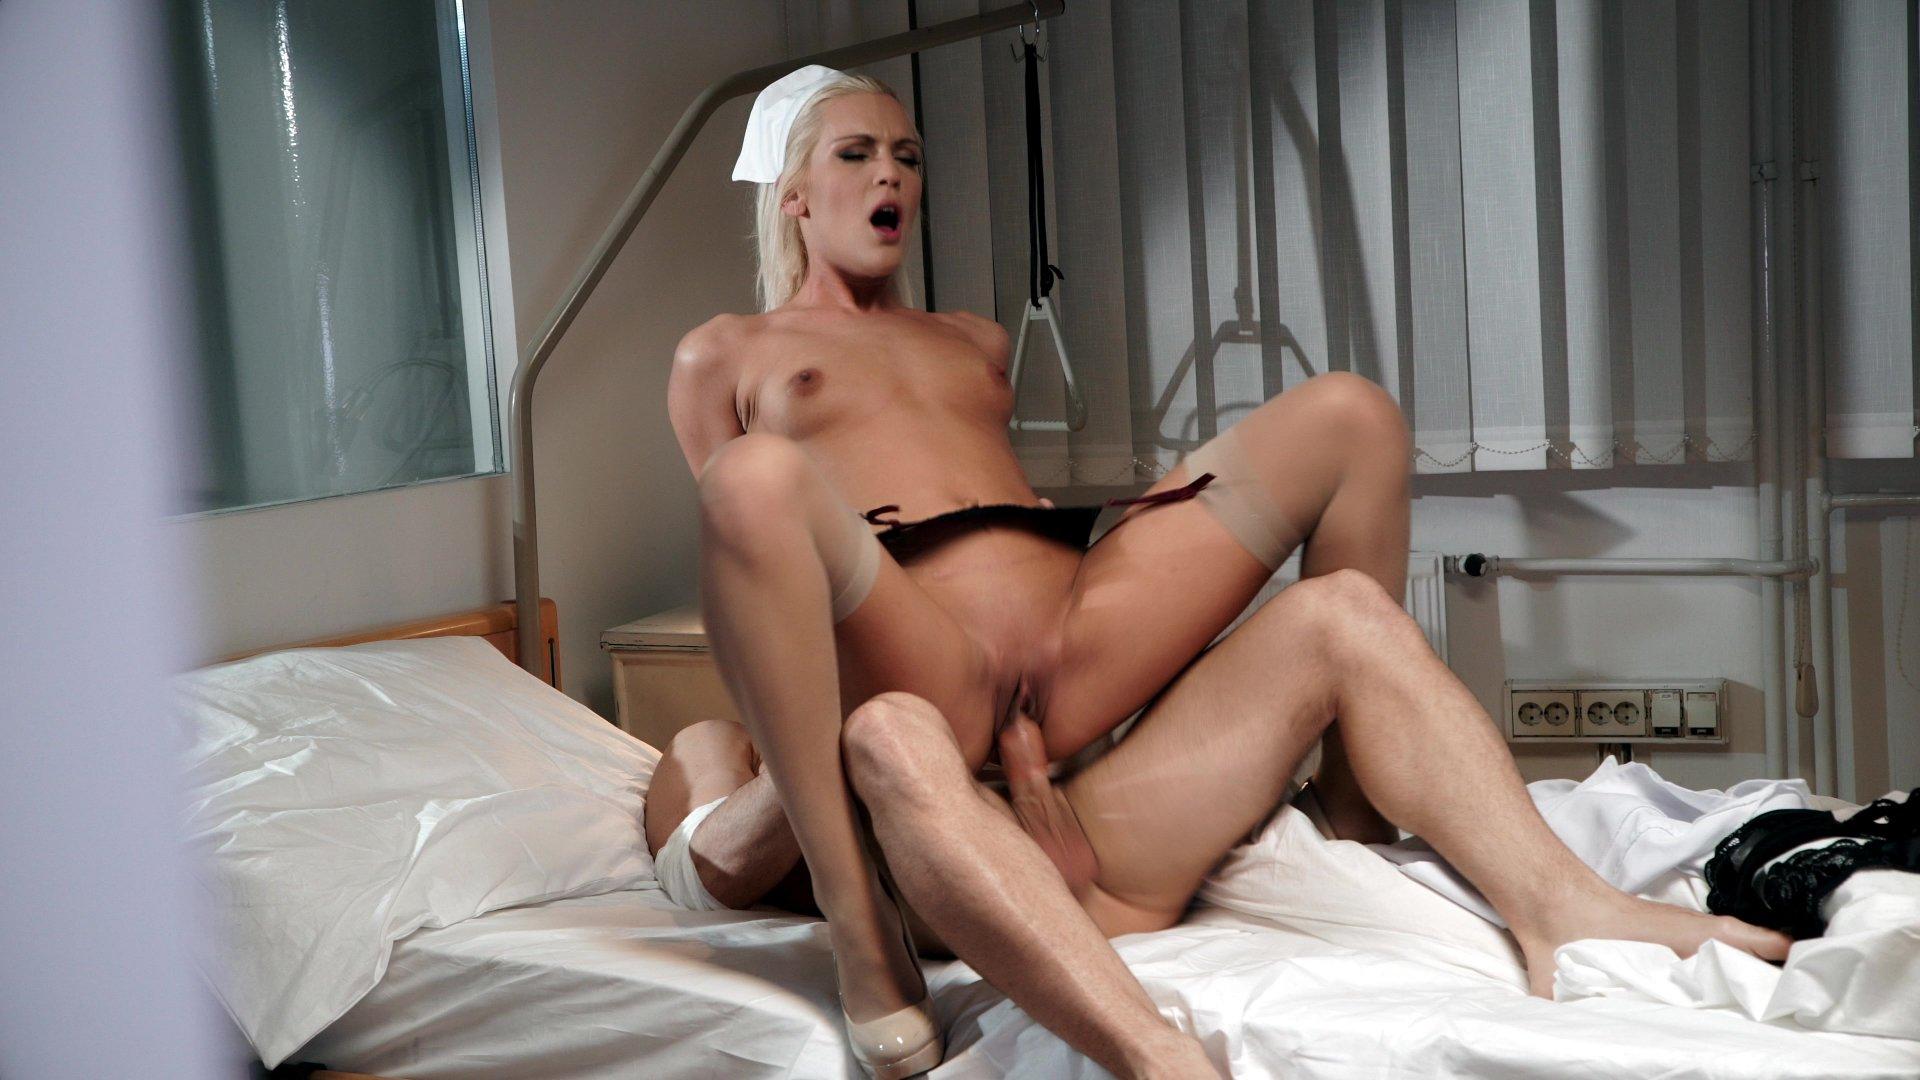 Секс с медсестрой ролики онлайн, Порно медсестра - секс видео с медсестрой в белом 24 фотография